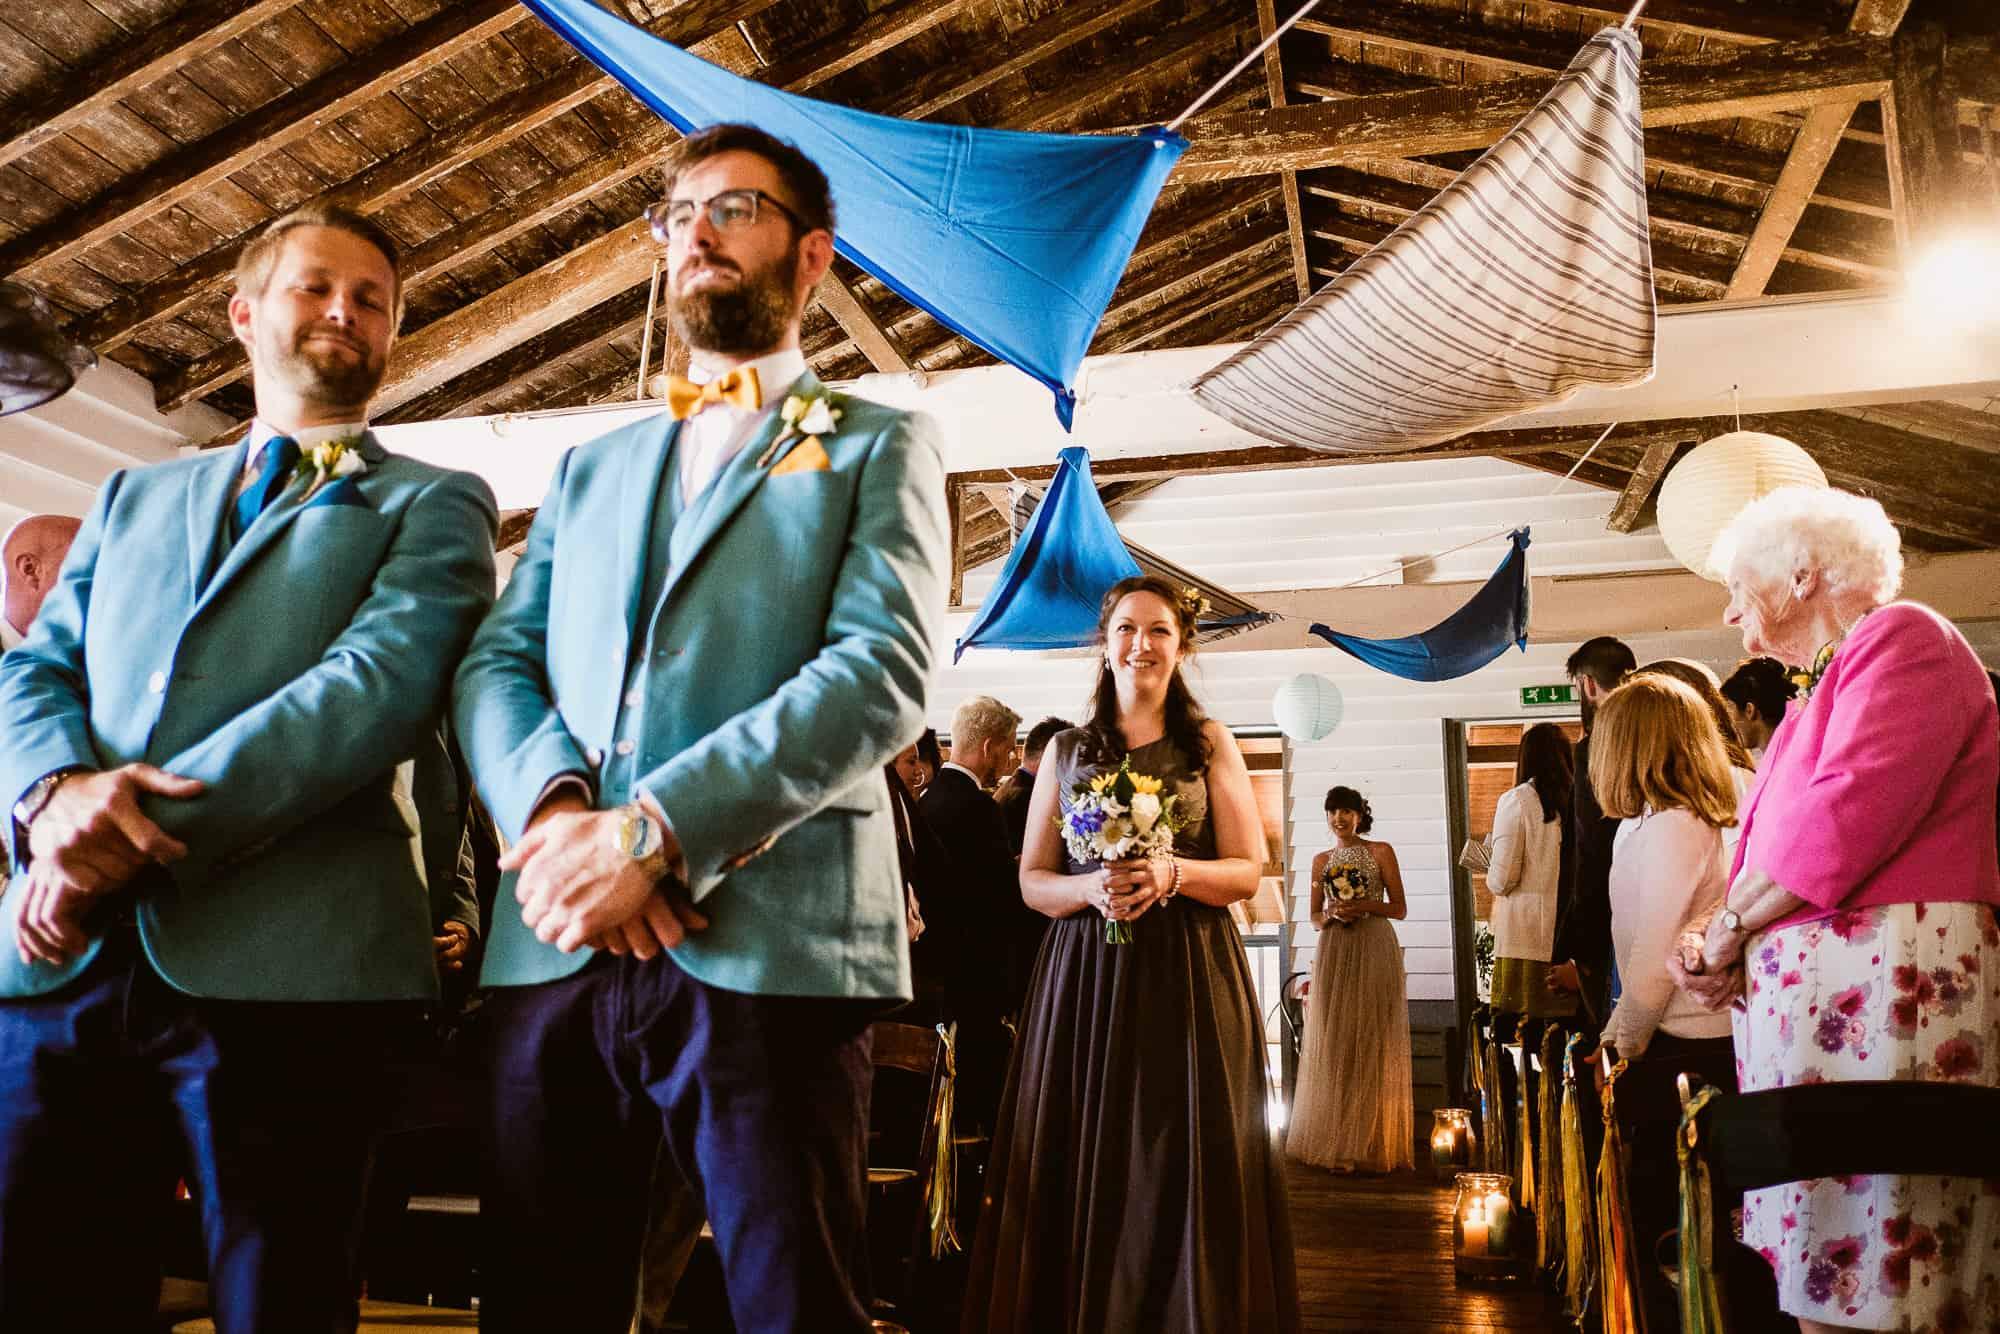 east-quay-wedding-photography-matt-tyler-0026